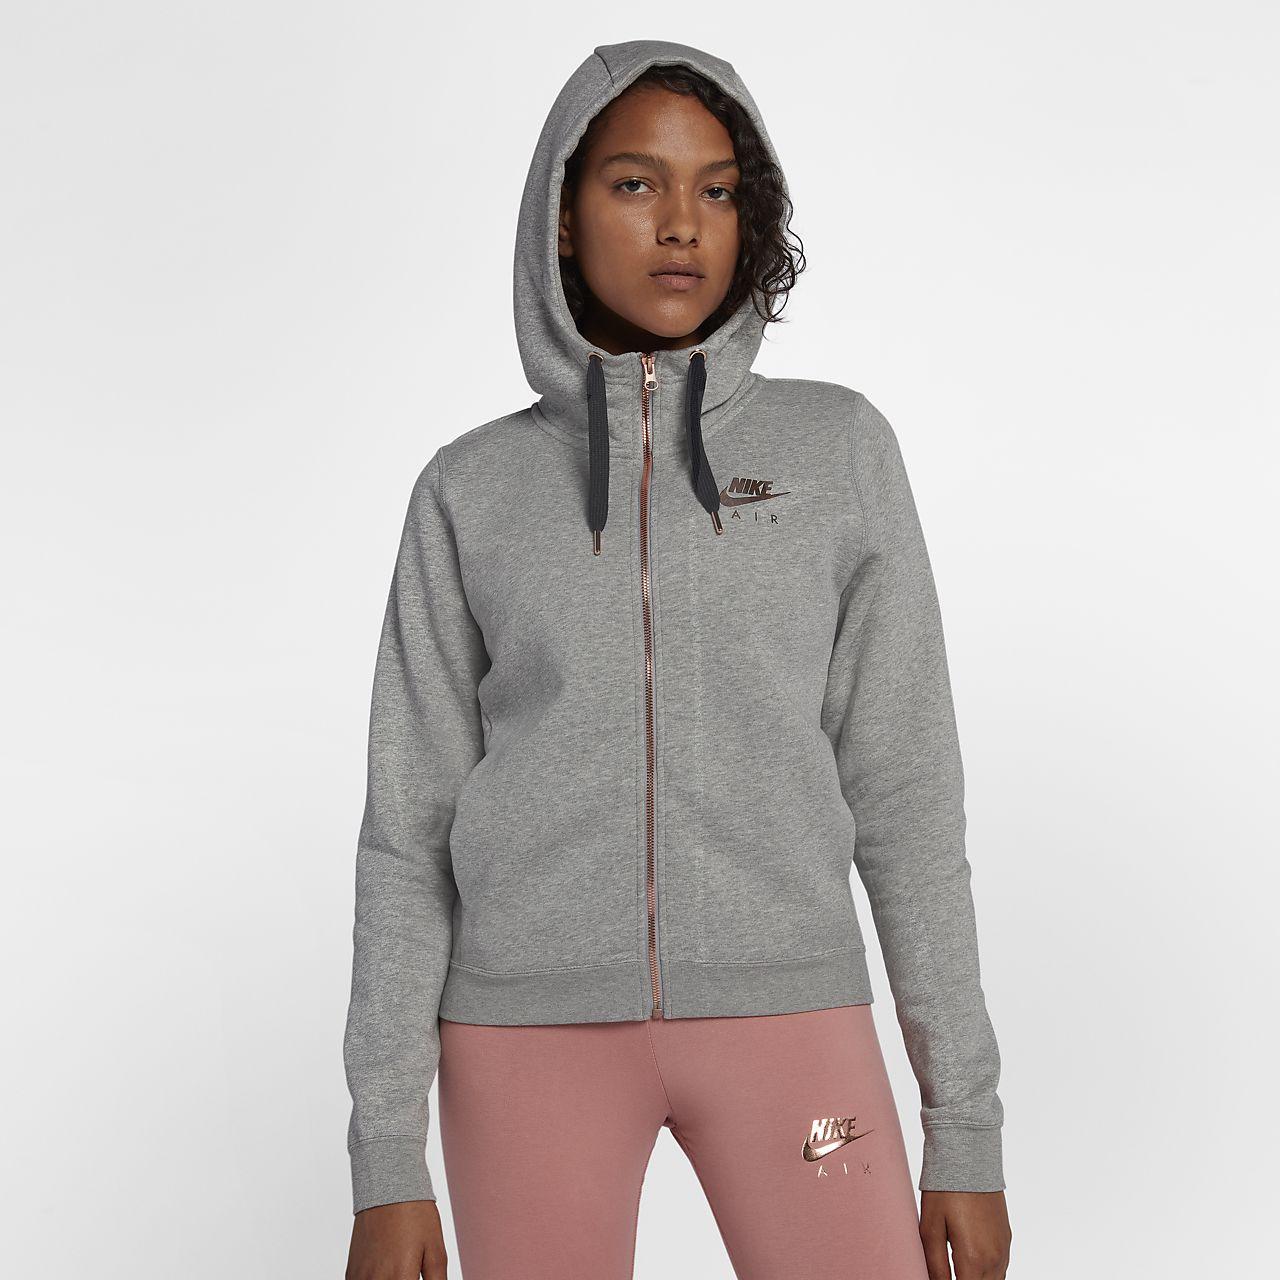 Nike Rally Full Zip Hoodie Women's Sweatshirt | Zip hoodies